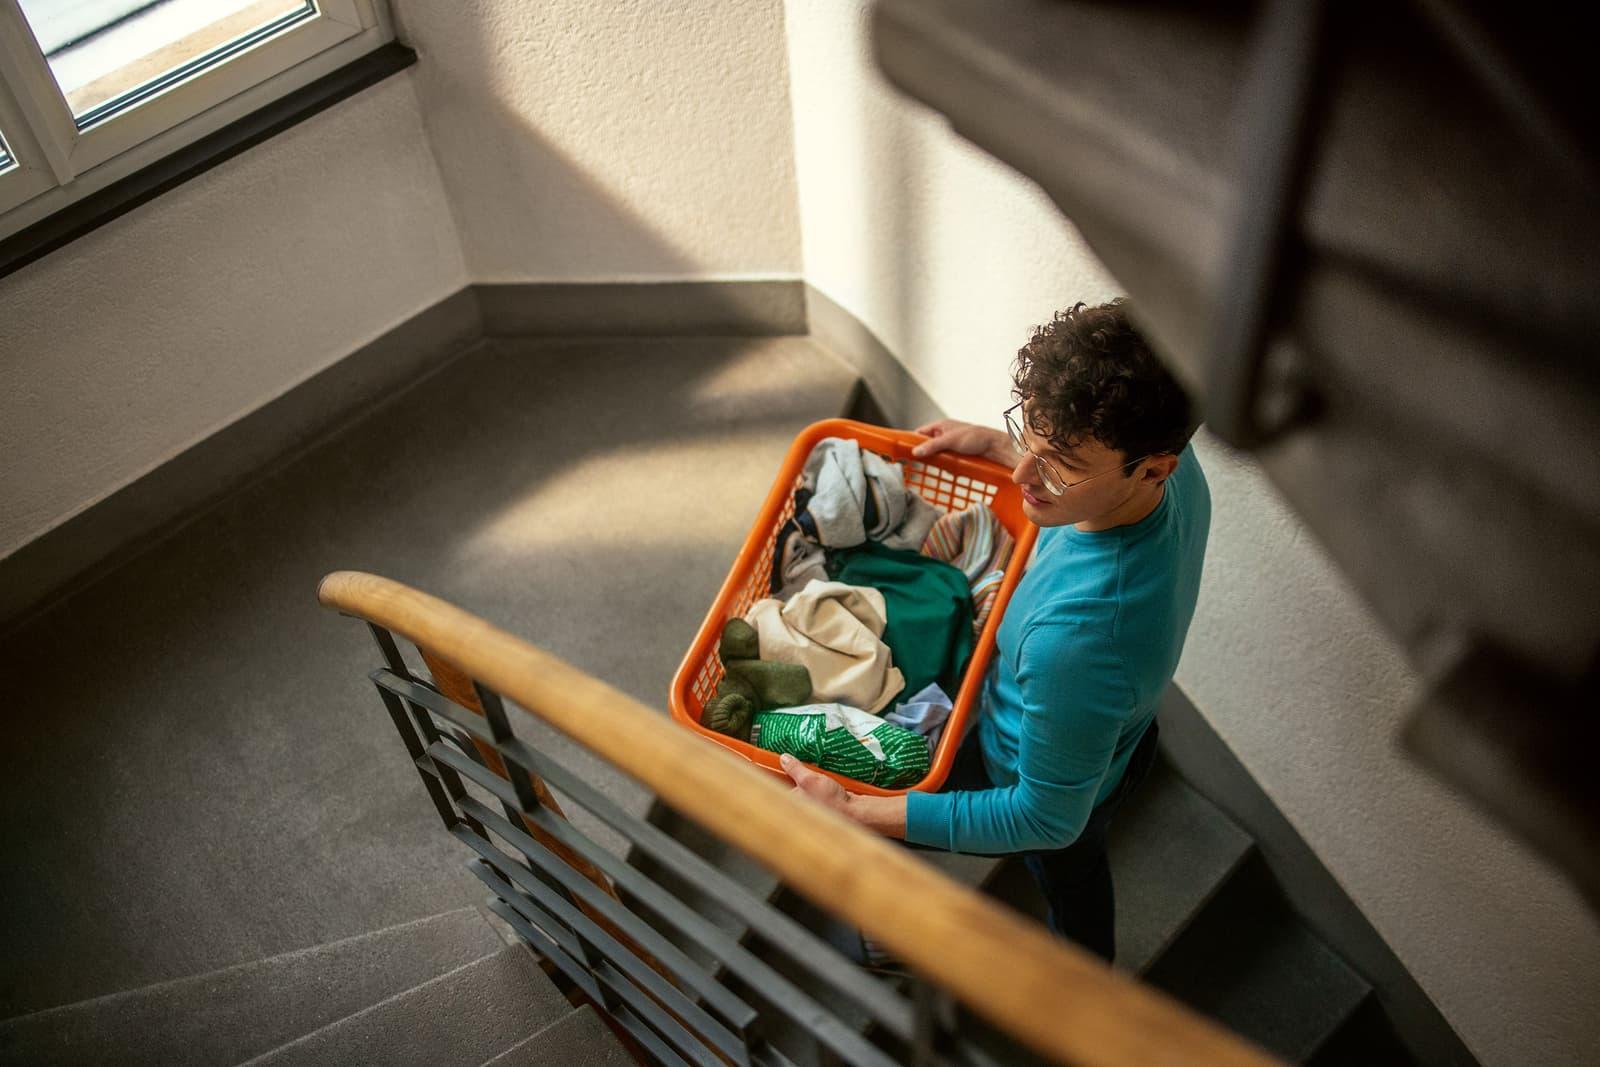 Ein junger Mann mit einen Korb voller Wäsche läuft das Treppenhaus hoch.